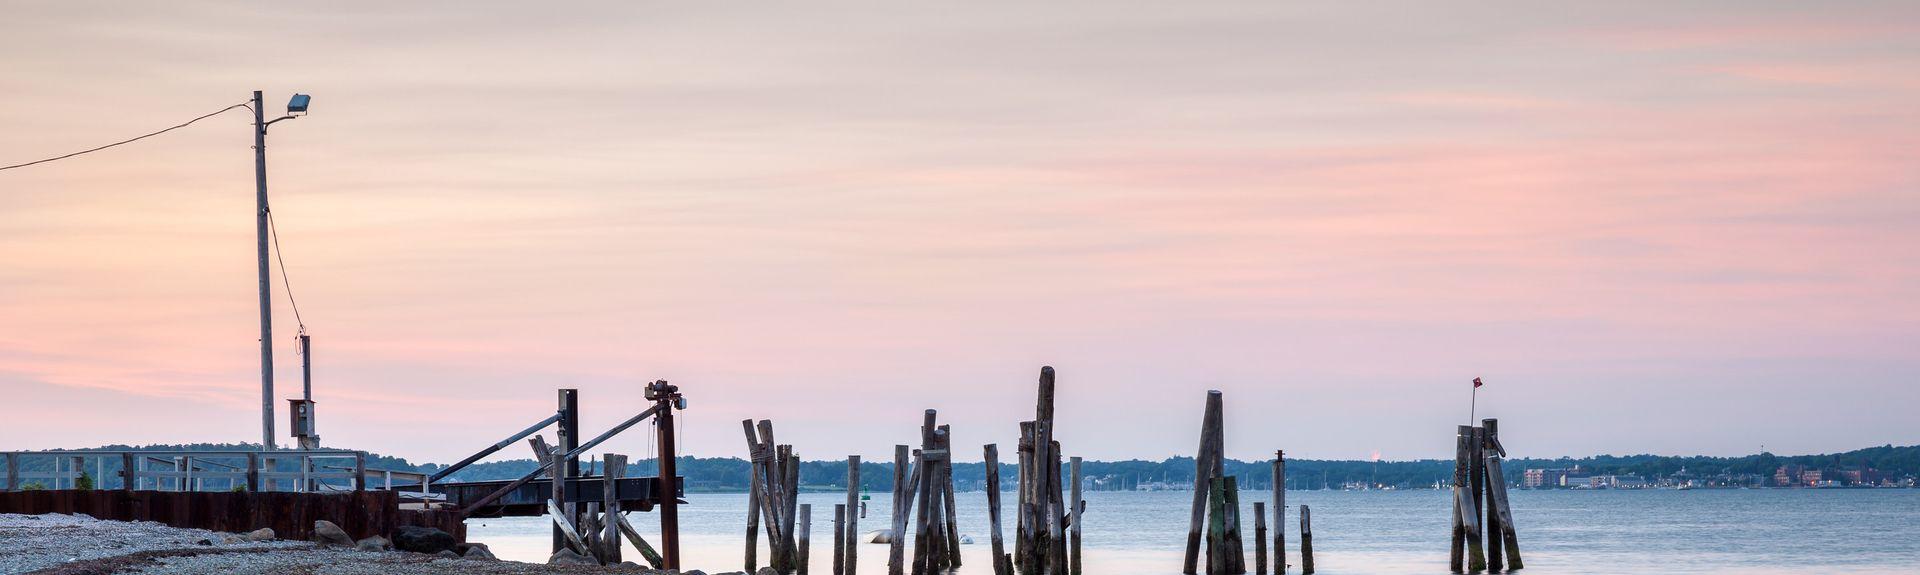 Prudence Island, Rhode Island, Verenigde Staten